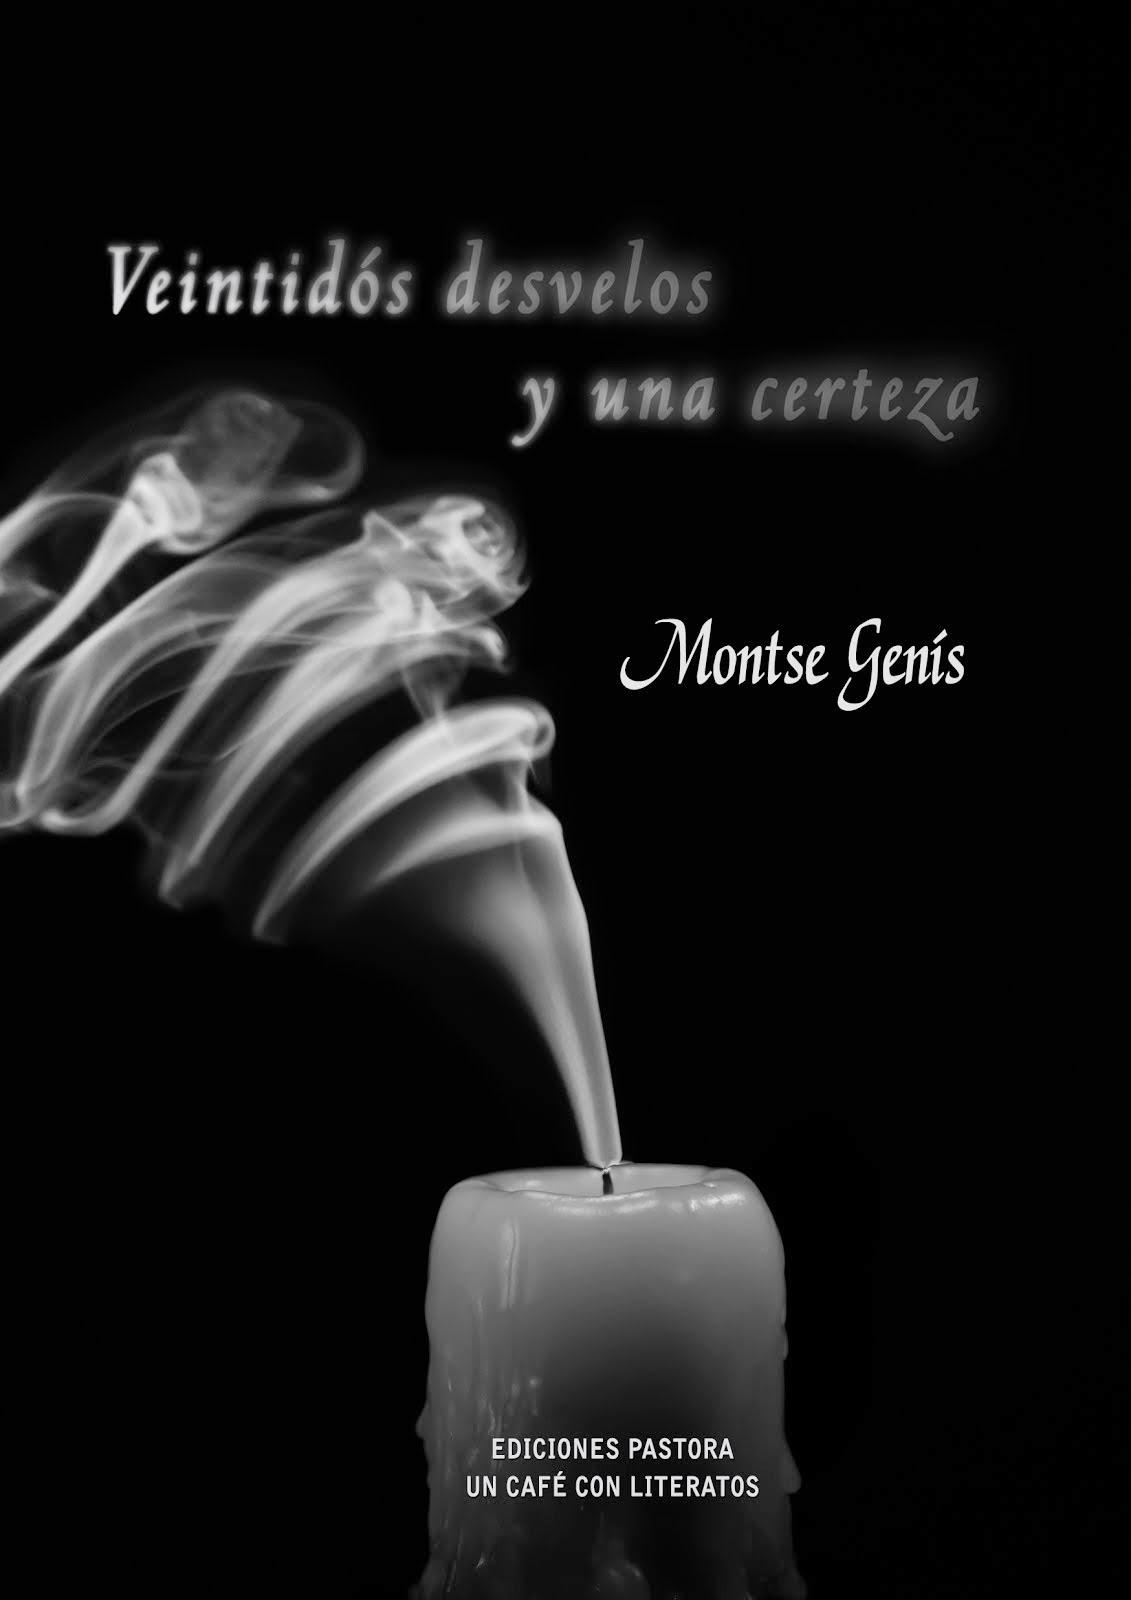 VEINTIDÓS DESVELOS Y UNA CERTEZA<br> Montse Genís